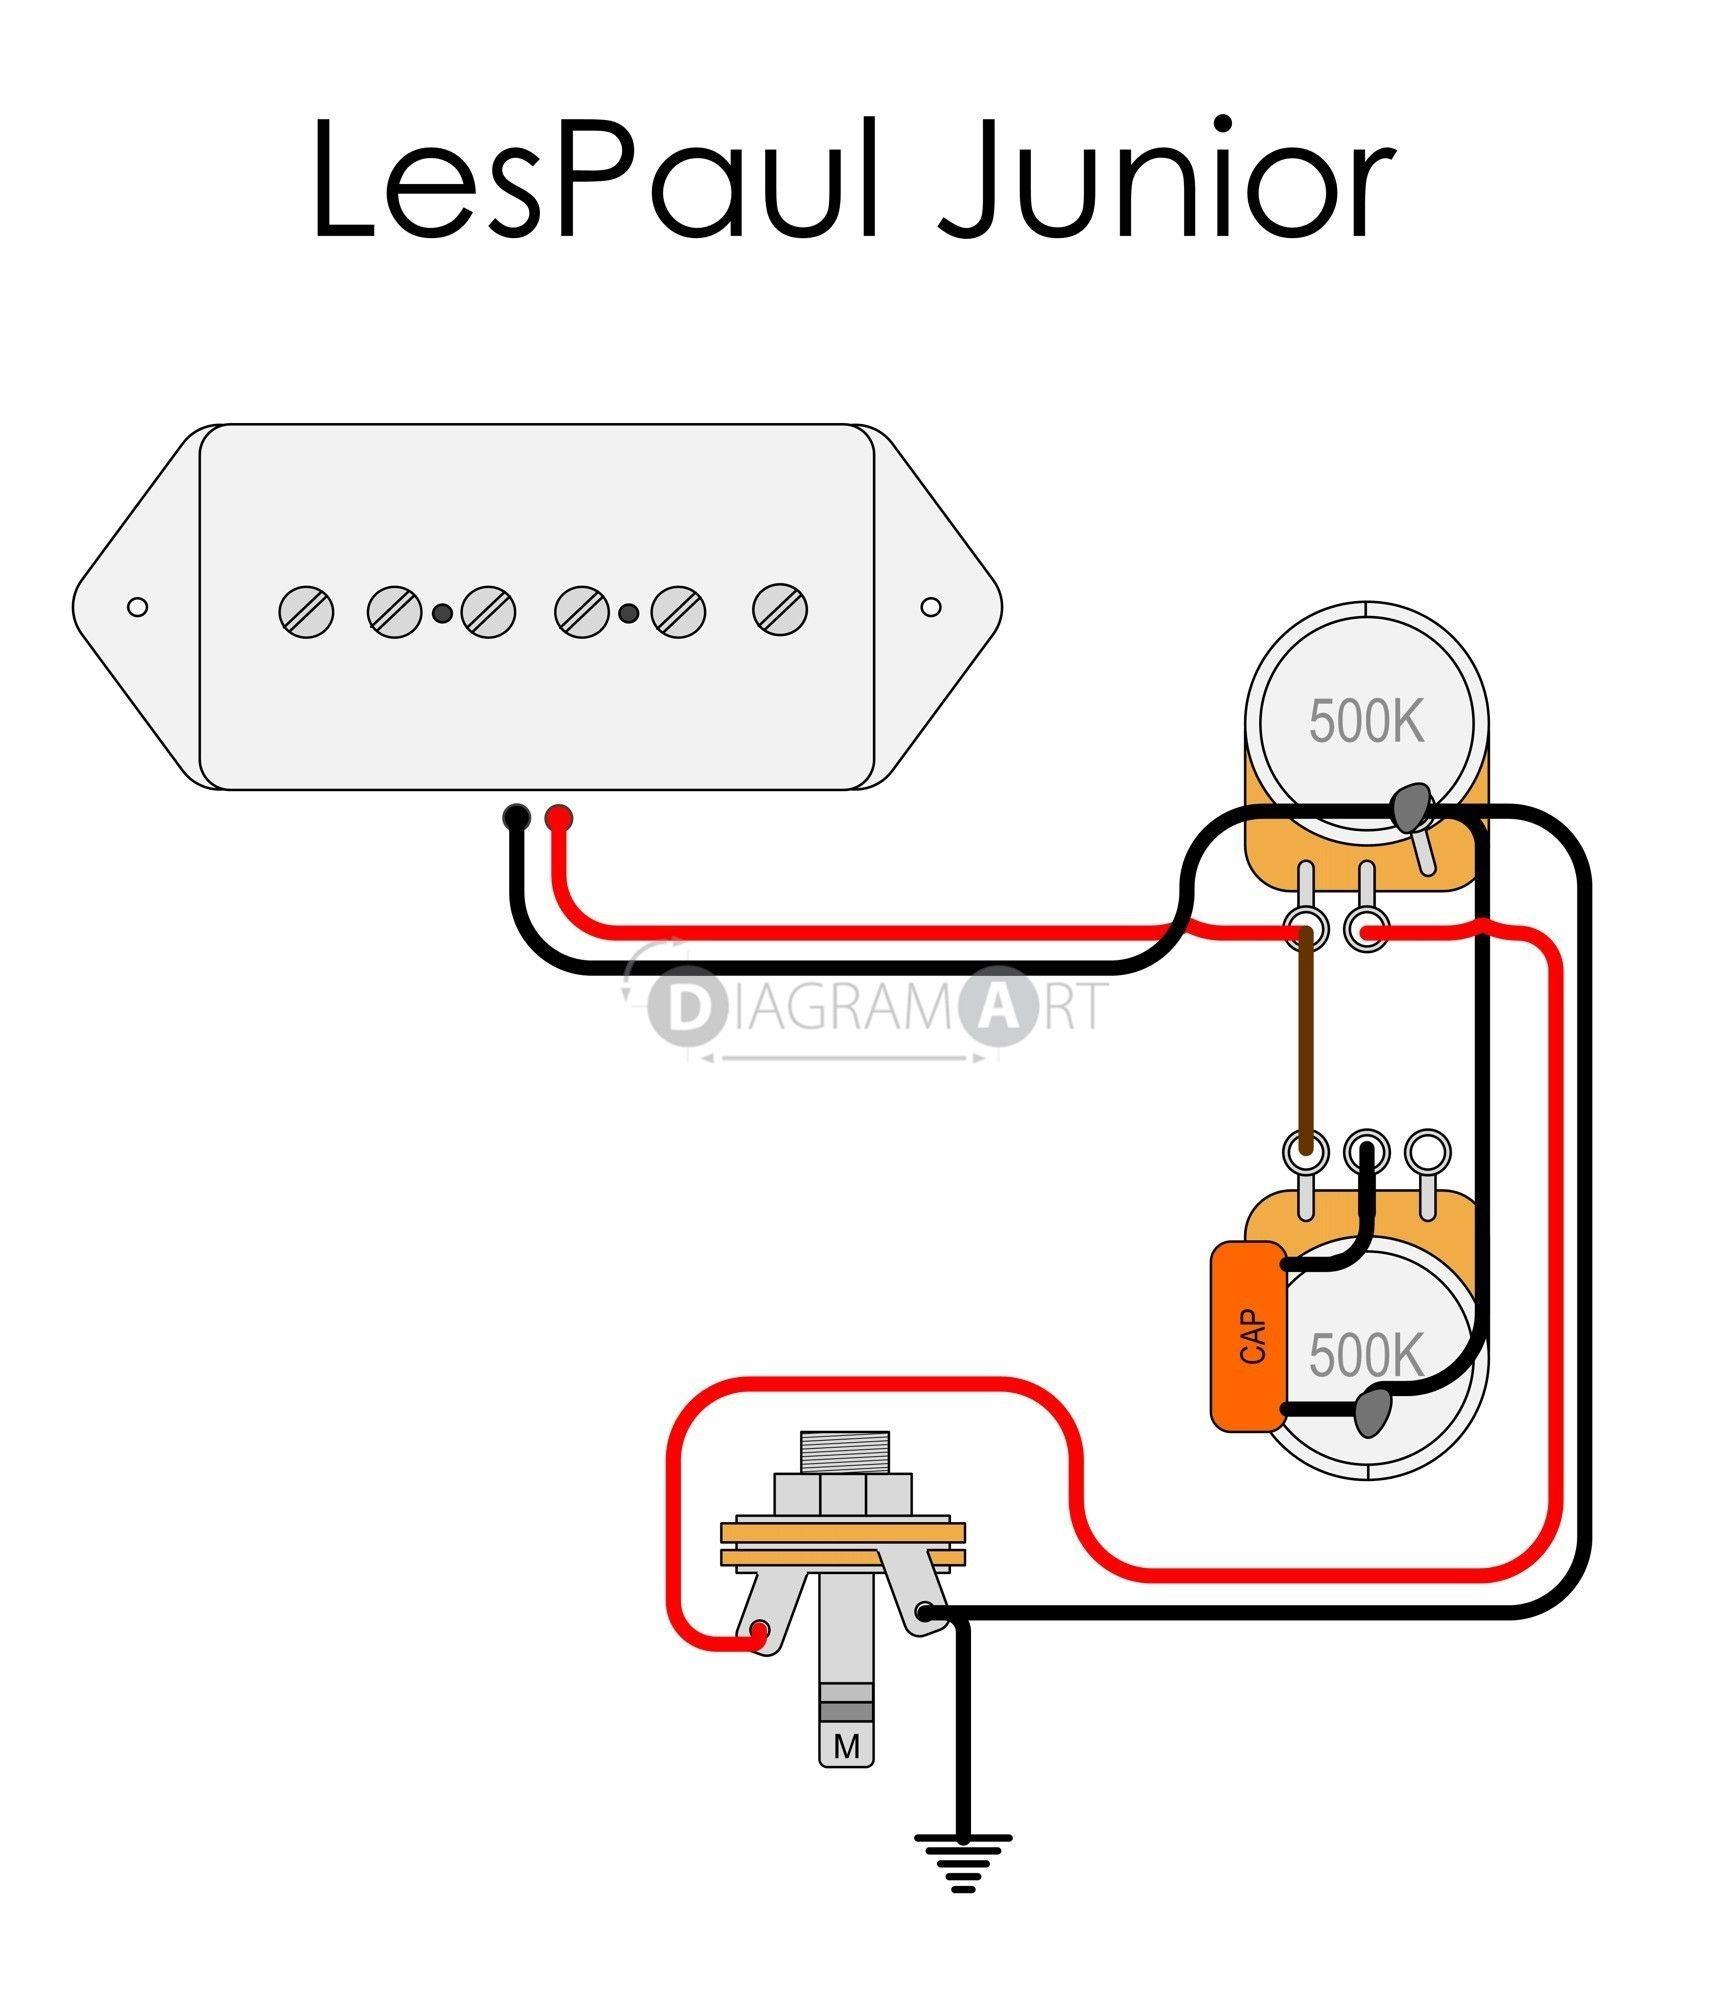 Les Paul Wiring Diagrams